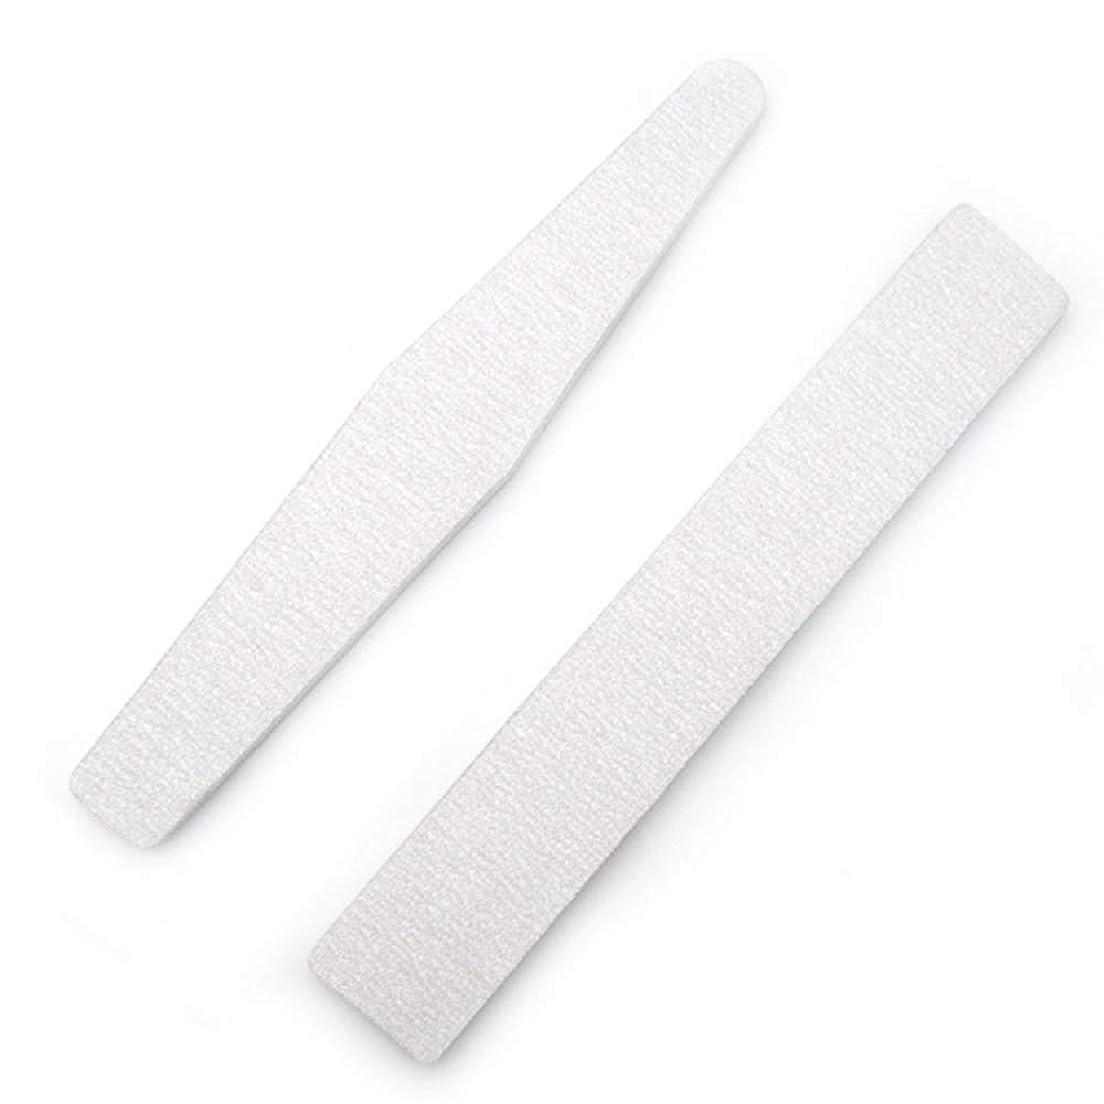 敬の念フレームワーク藤色ジェルネイルファイル 爪磨き 爪やすり ネイルポリッシュファイル 高品質ネイルやすり スポンジファイル ネイルをつやつやに シンプルで使いやすい 男女兼用 新年の贈り物 両面使える ネイルポリッシュファイル(2枚セット) (1set)